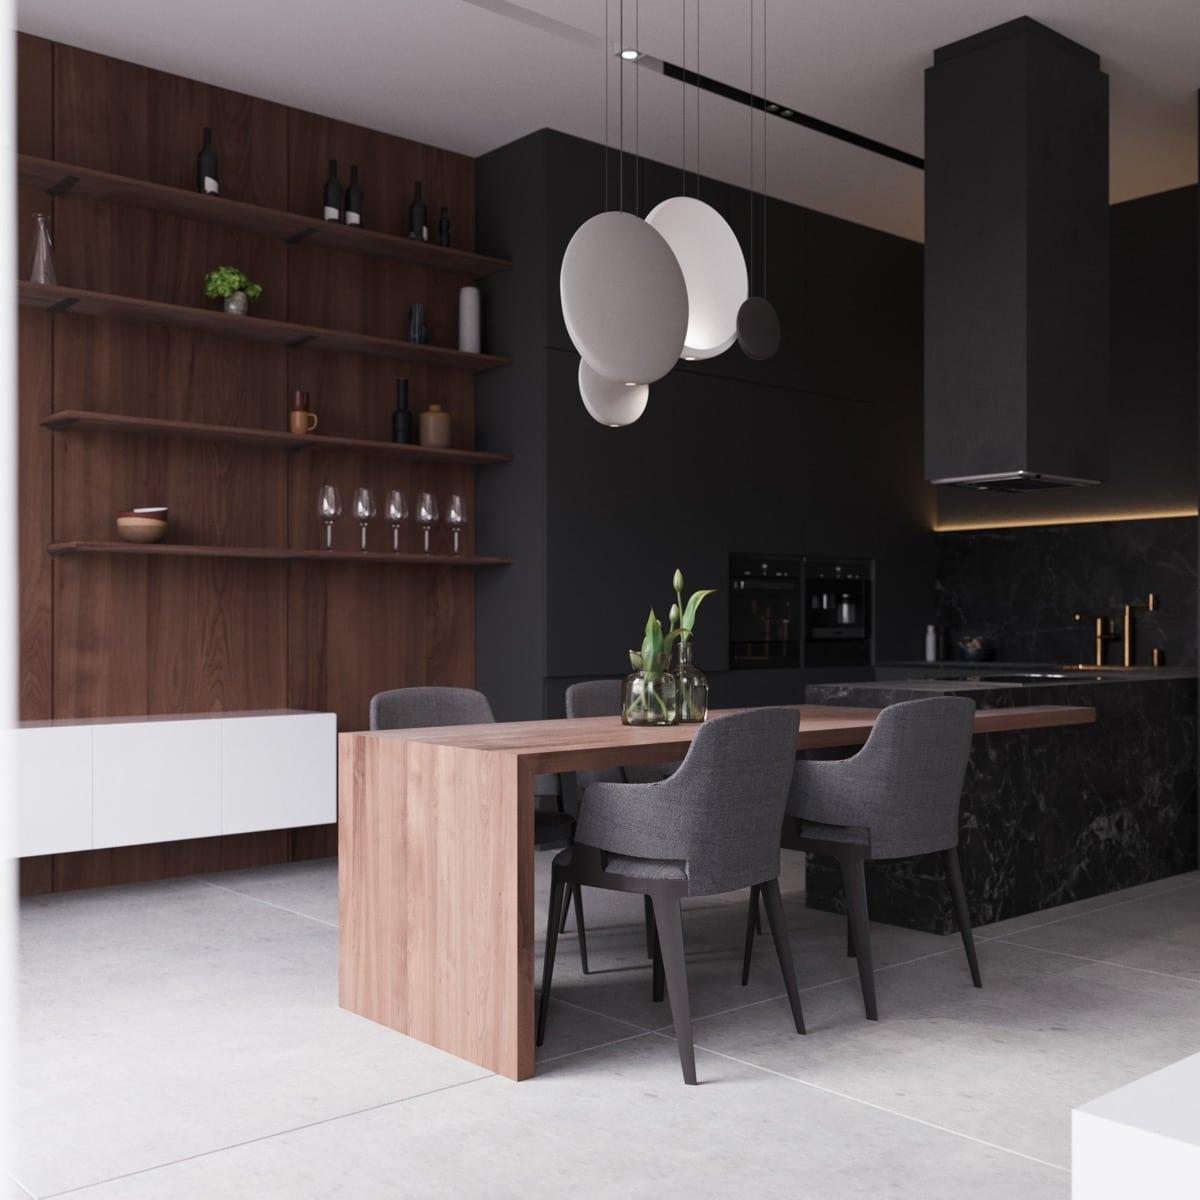 Dunkle Esszimmer - KüchenDesignMagazin - Lassen Sie sich inspirieren.